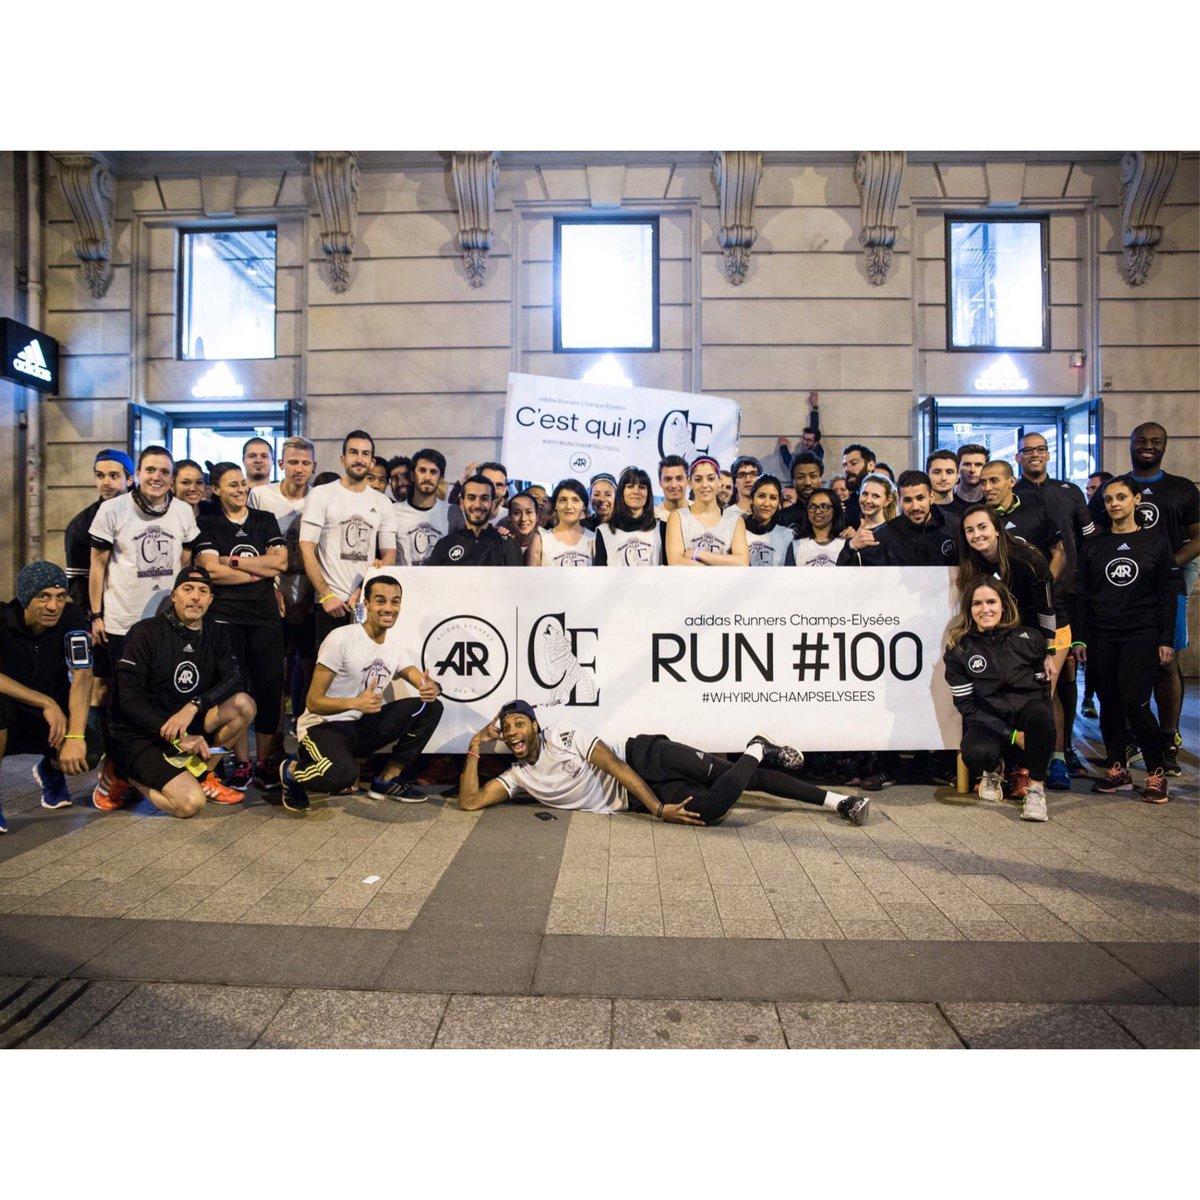 #JourneeDeLaProcrastination ? Jamais pour un  @ARChampsElysees ! Rejoins la team #WhyIRunChampsElysées #bestteam #running #paris<br>http://pic.twitter.com/FFL7hPDC2X